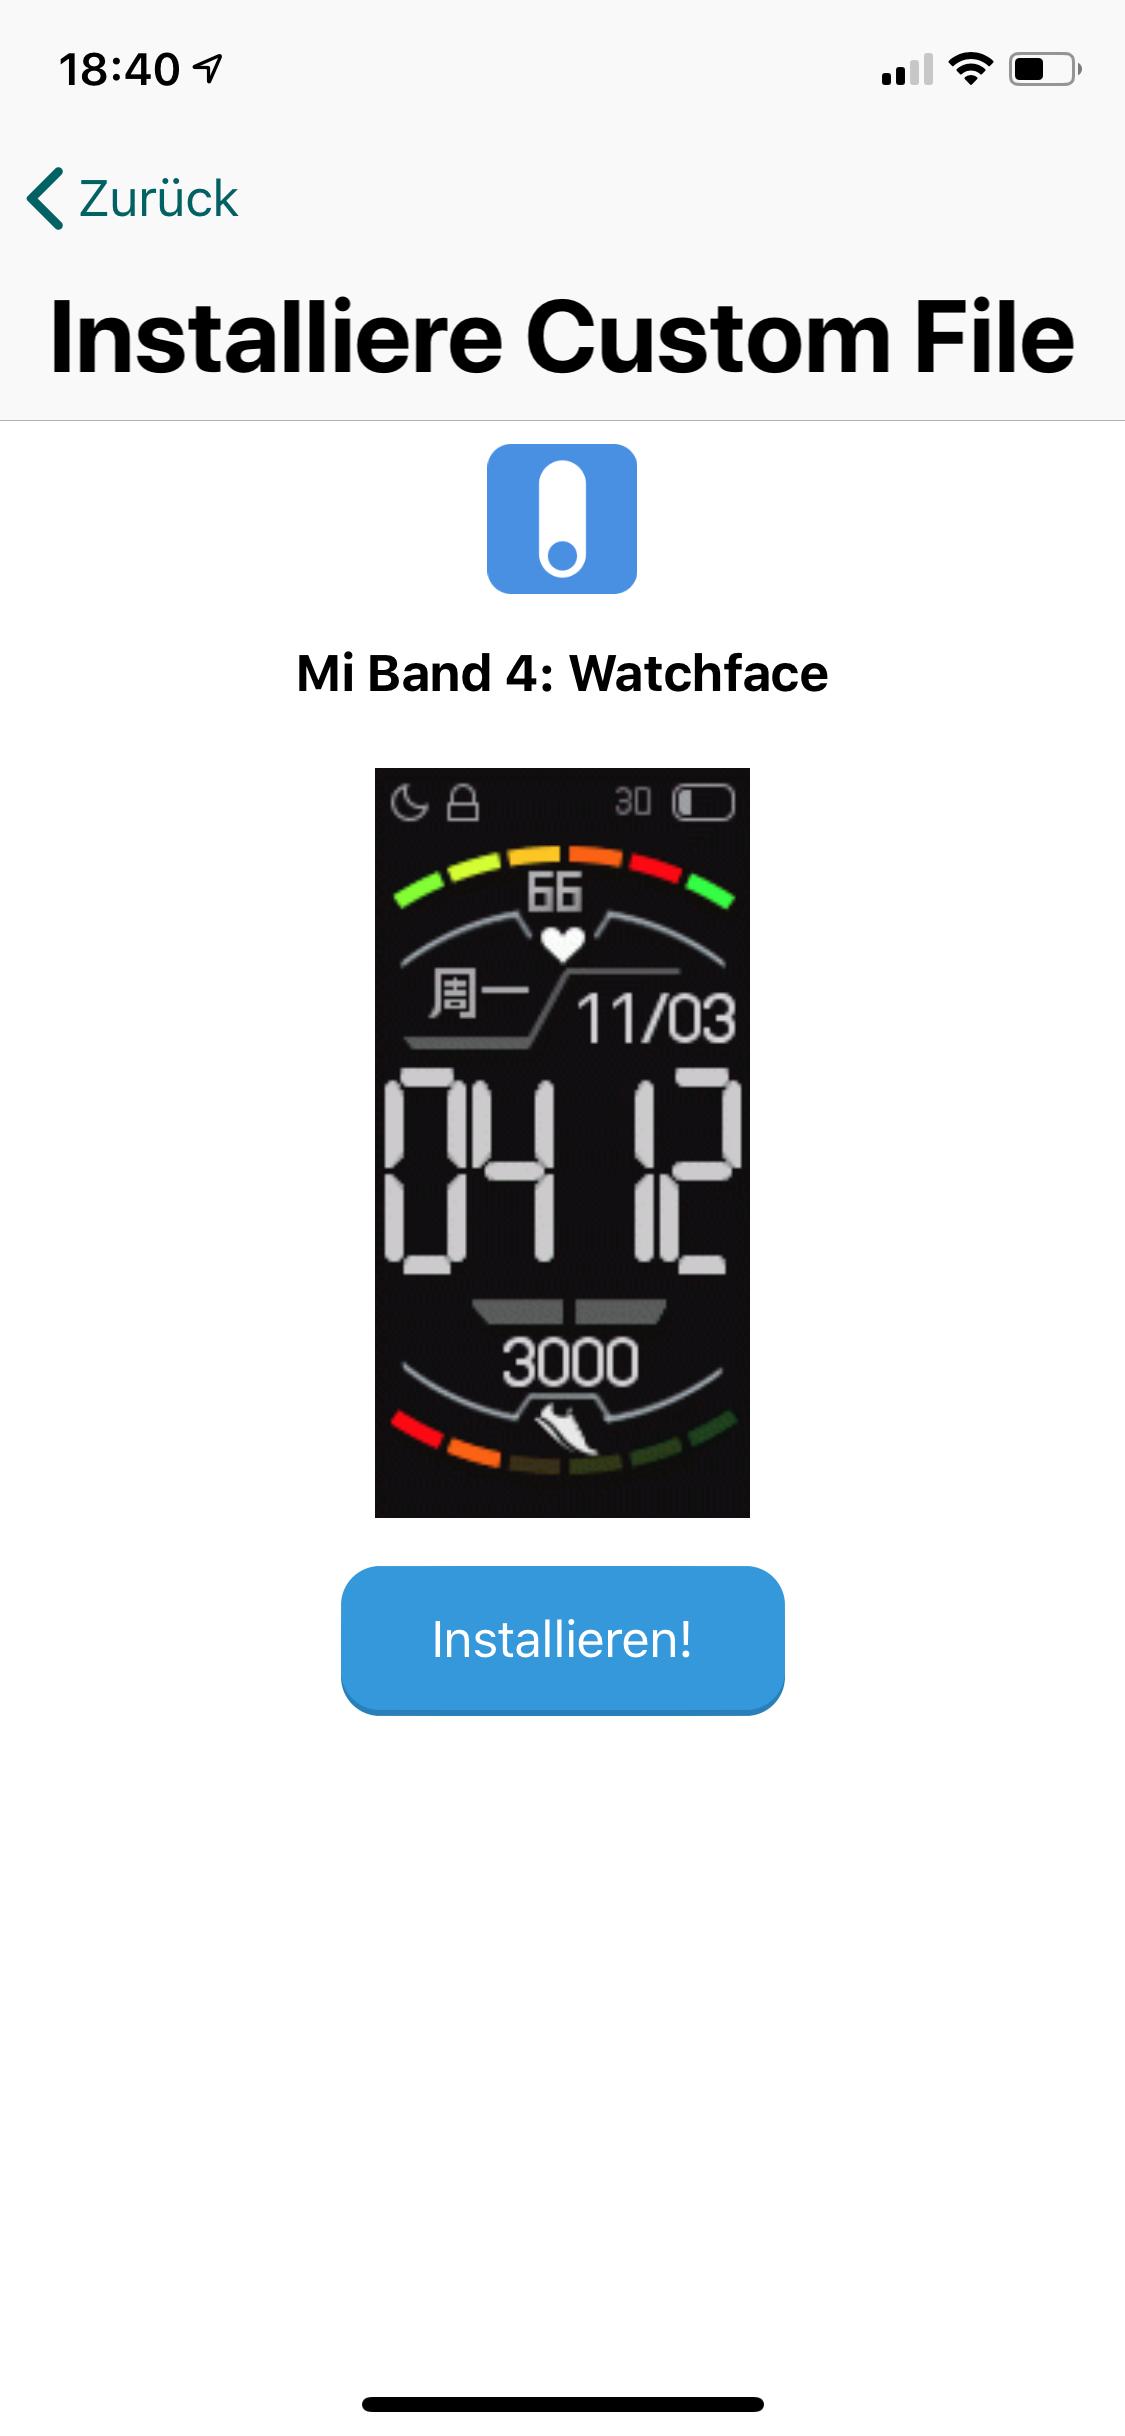 Watchface auf dem Mi Band 4 mittels iOS wechseln › seeseekey net